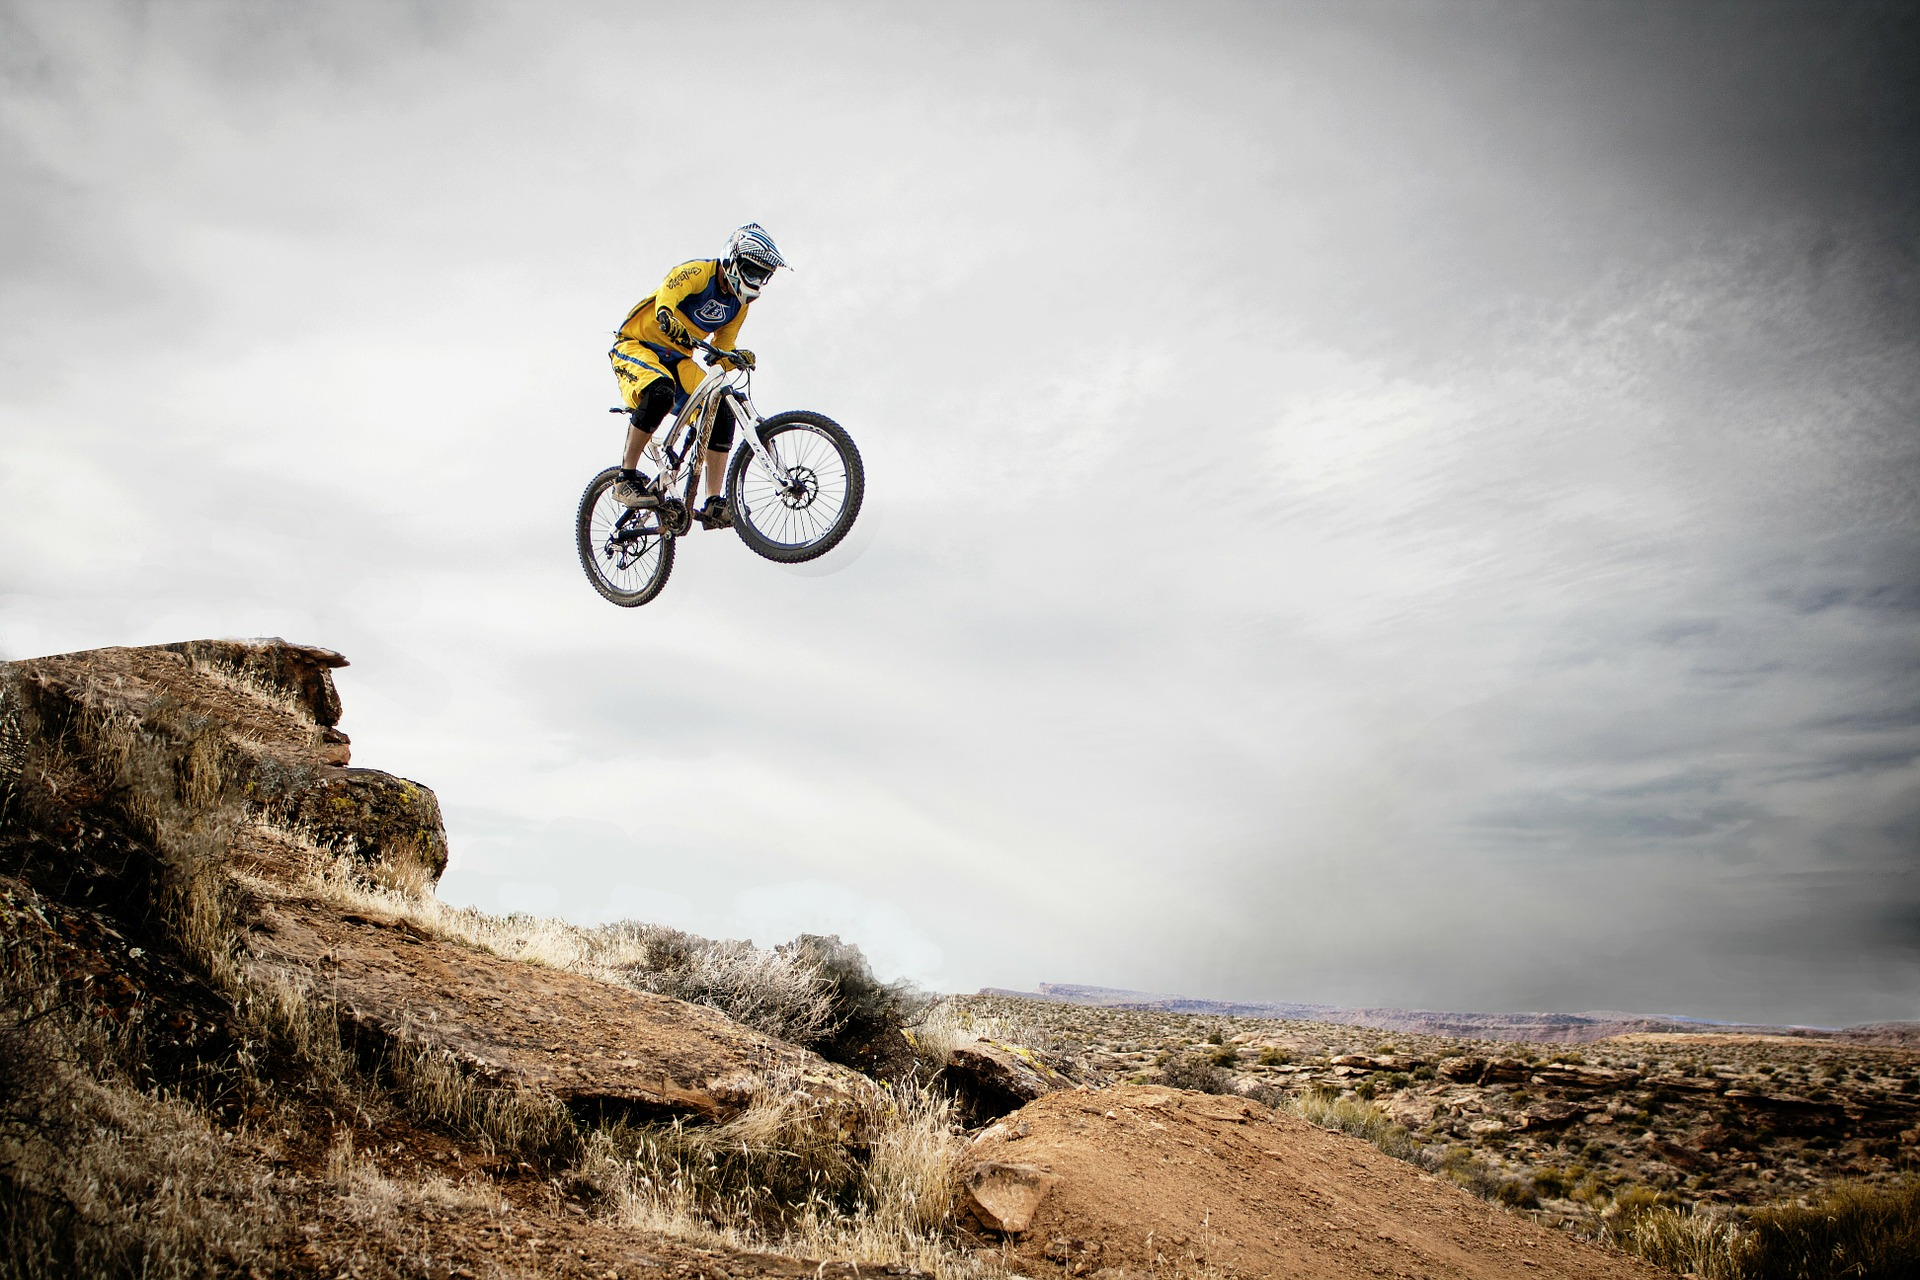 велосипедист, прыжок, риск, действия, конец - Обои HD - Профессор falken.com